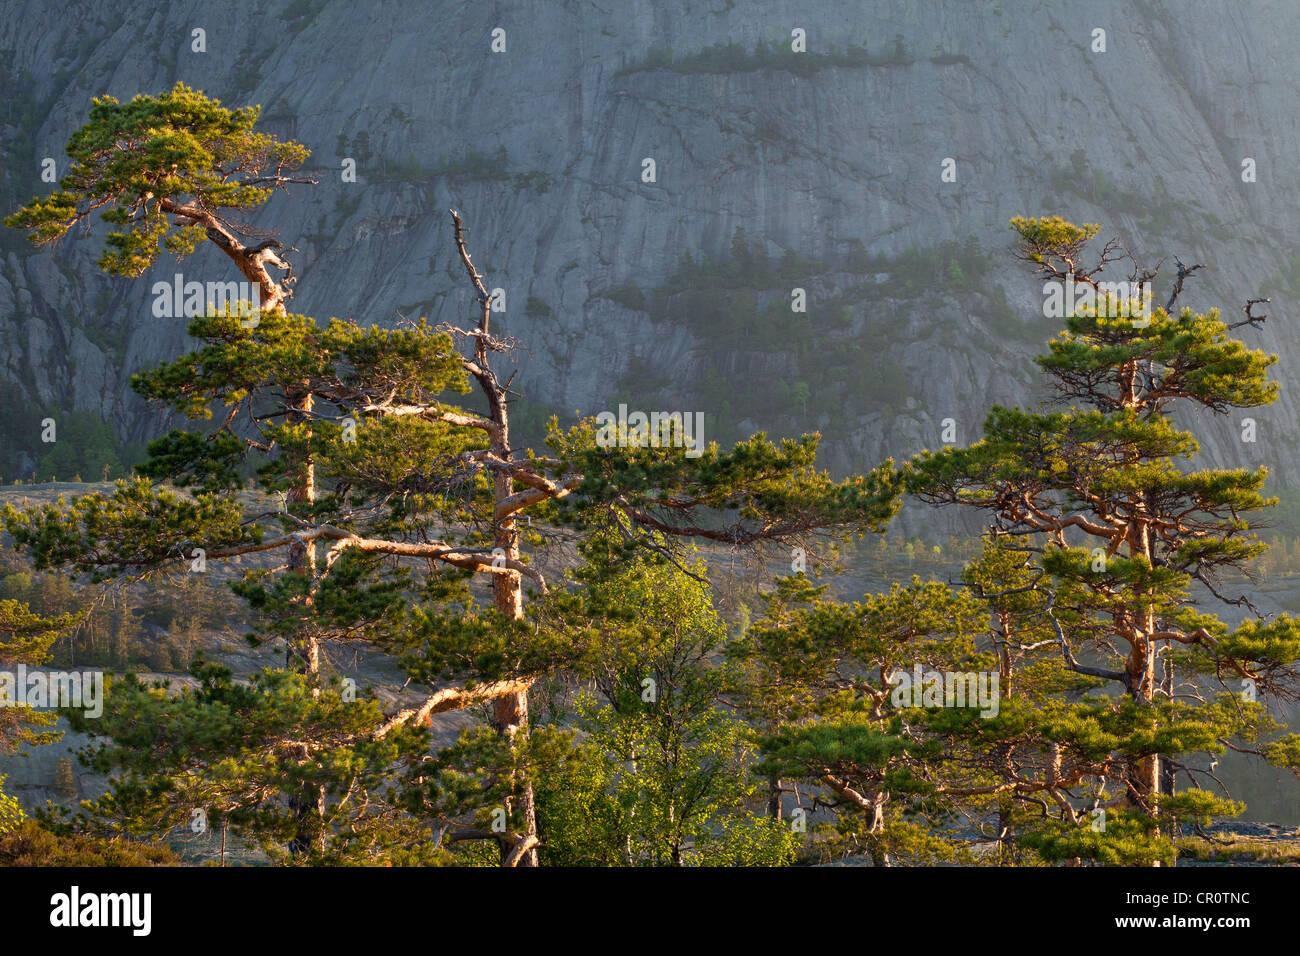 Alberi di pino all'alba, a Måfjell in Nissedal, Telemark fylke, Norvegia. Immagini Stock